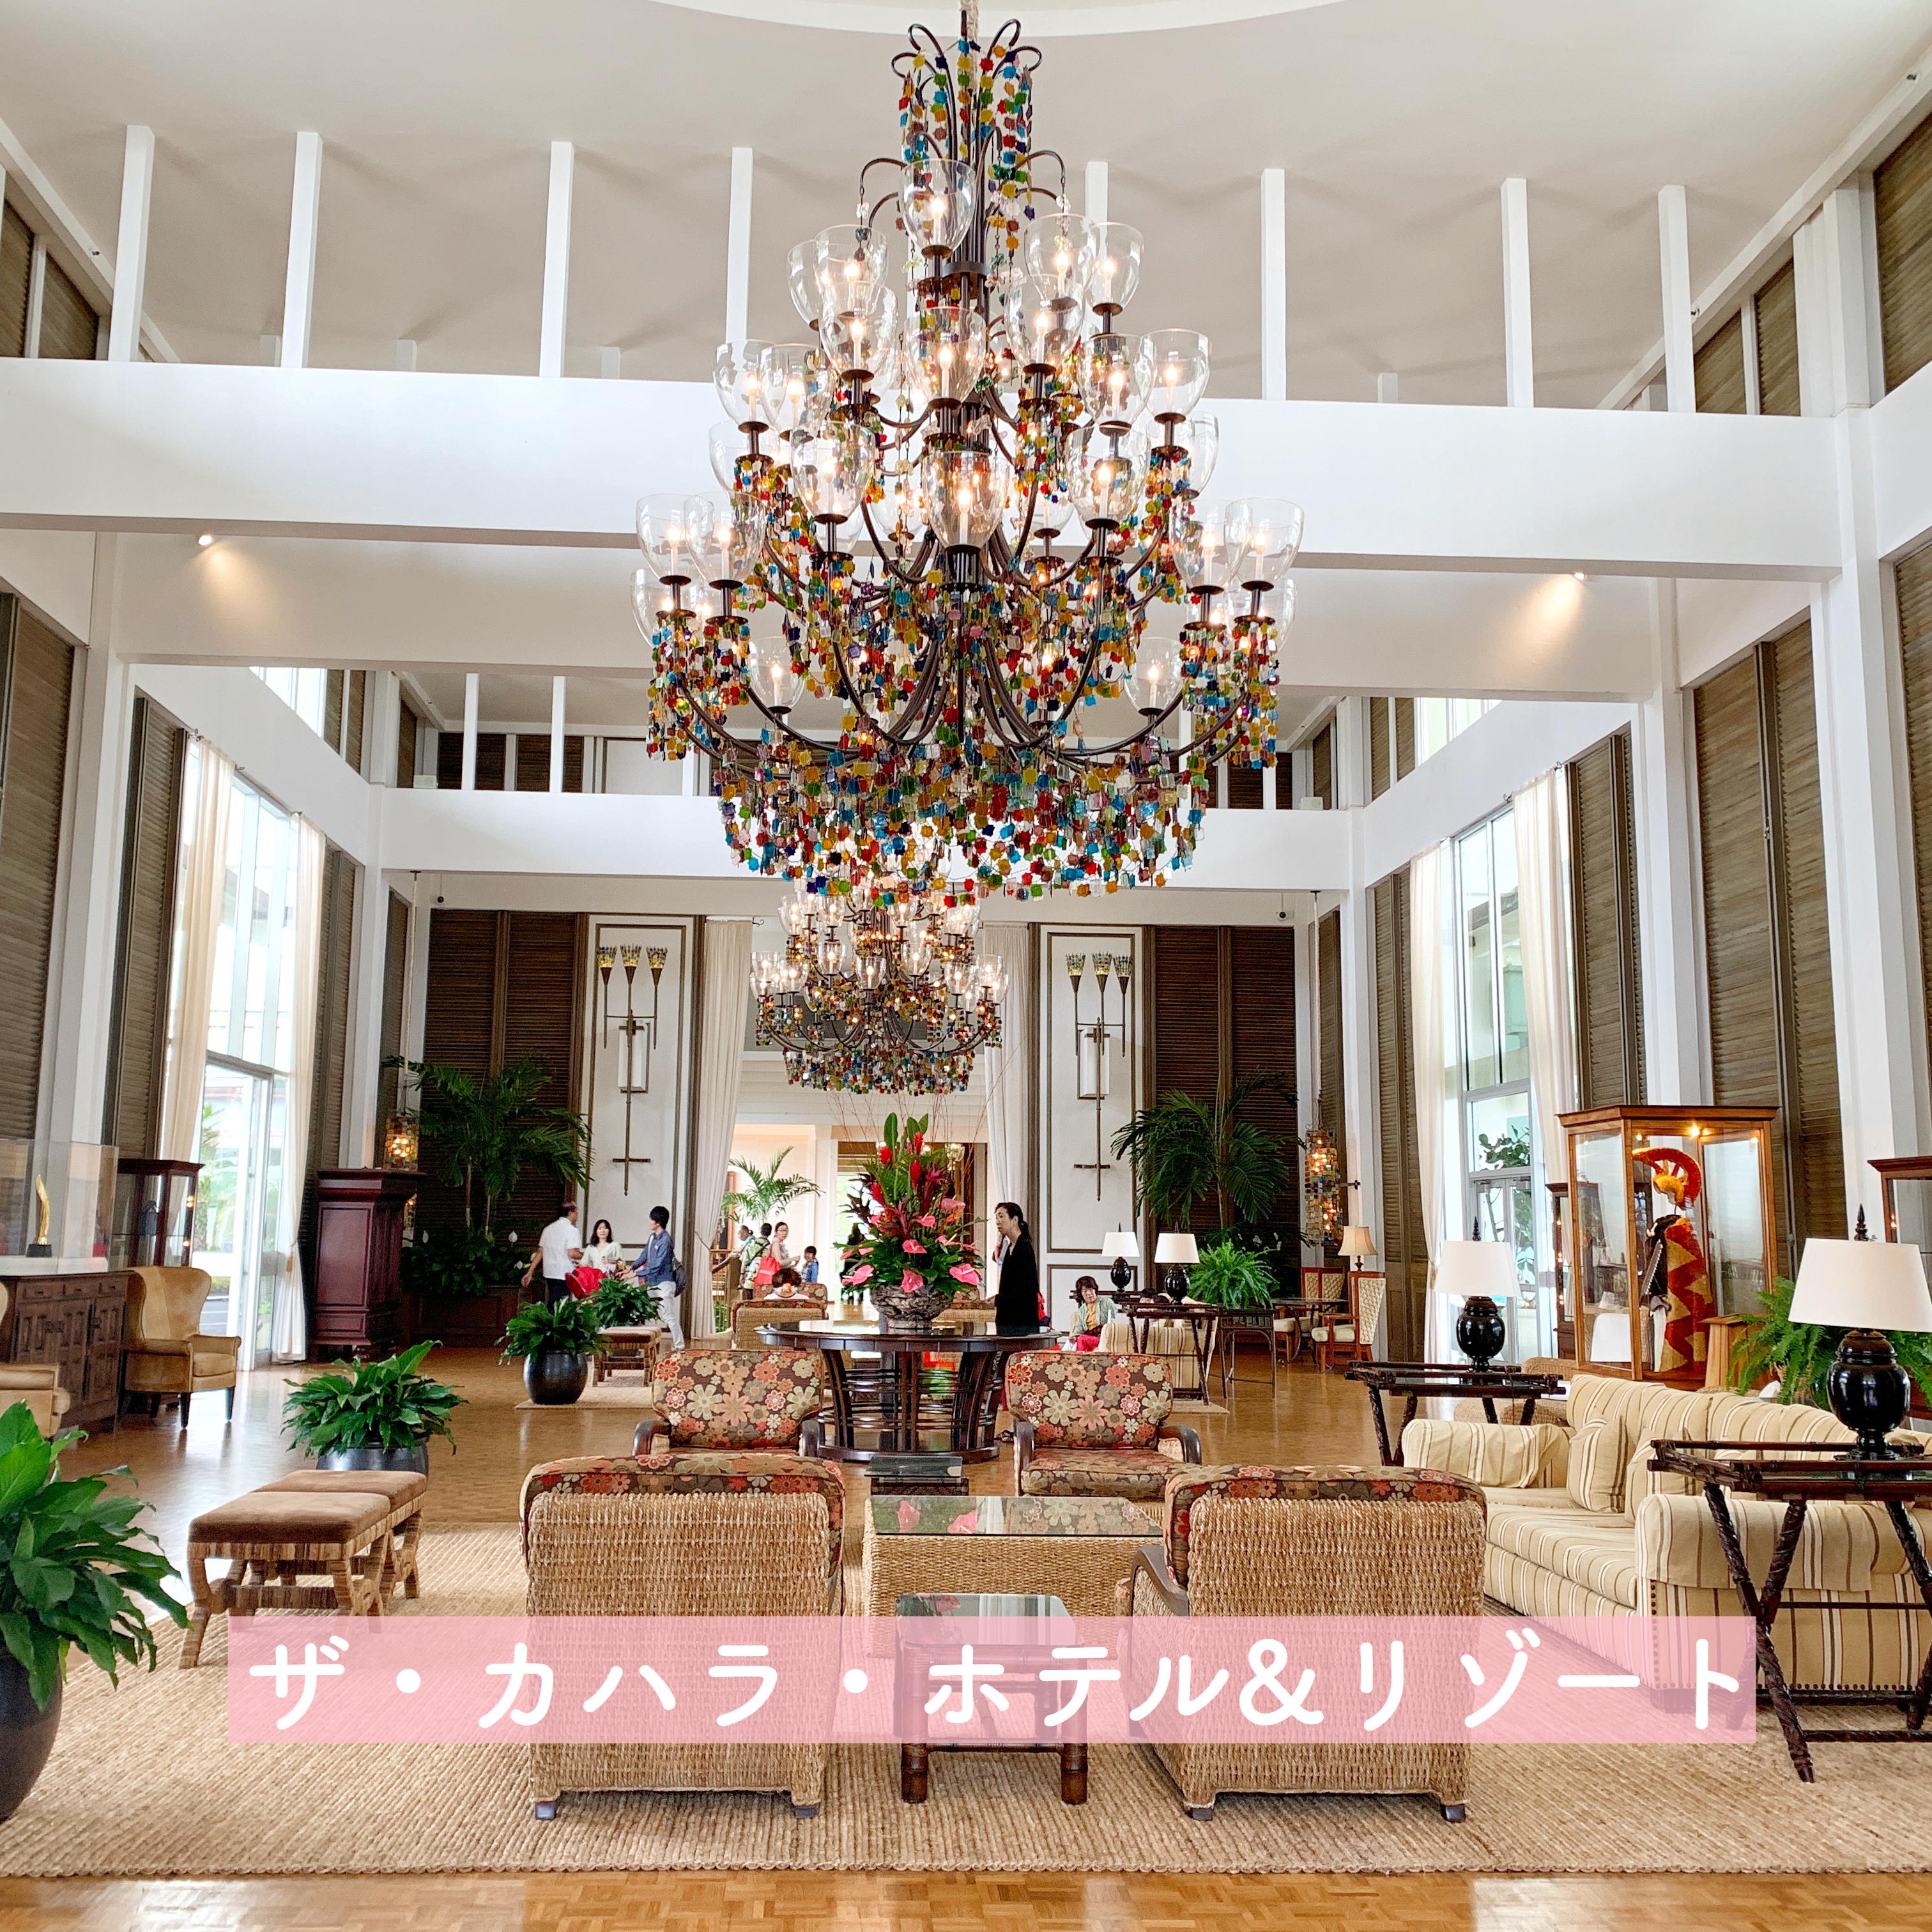 【ハワイホテル】「ザ・カハラ・ホテル&リゾート」 【イルカ・チョコ】